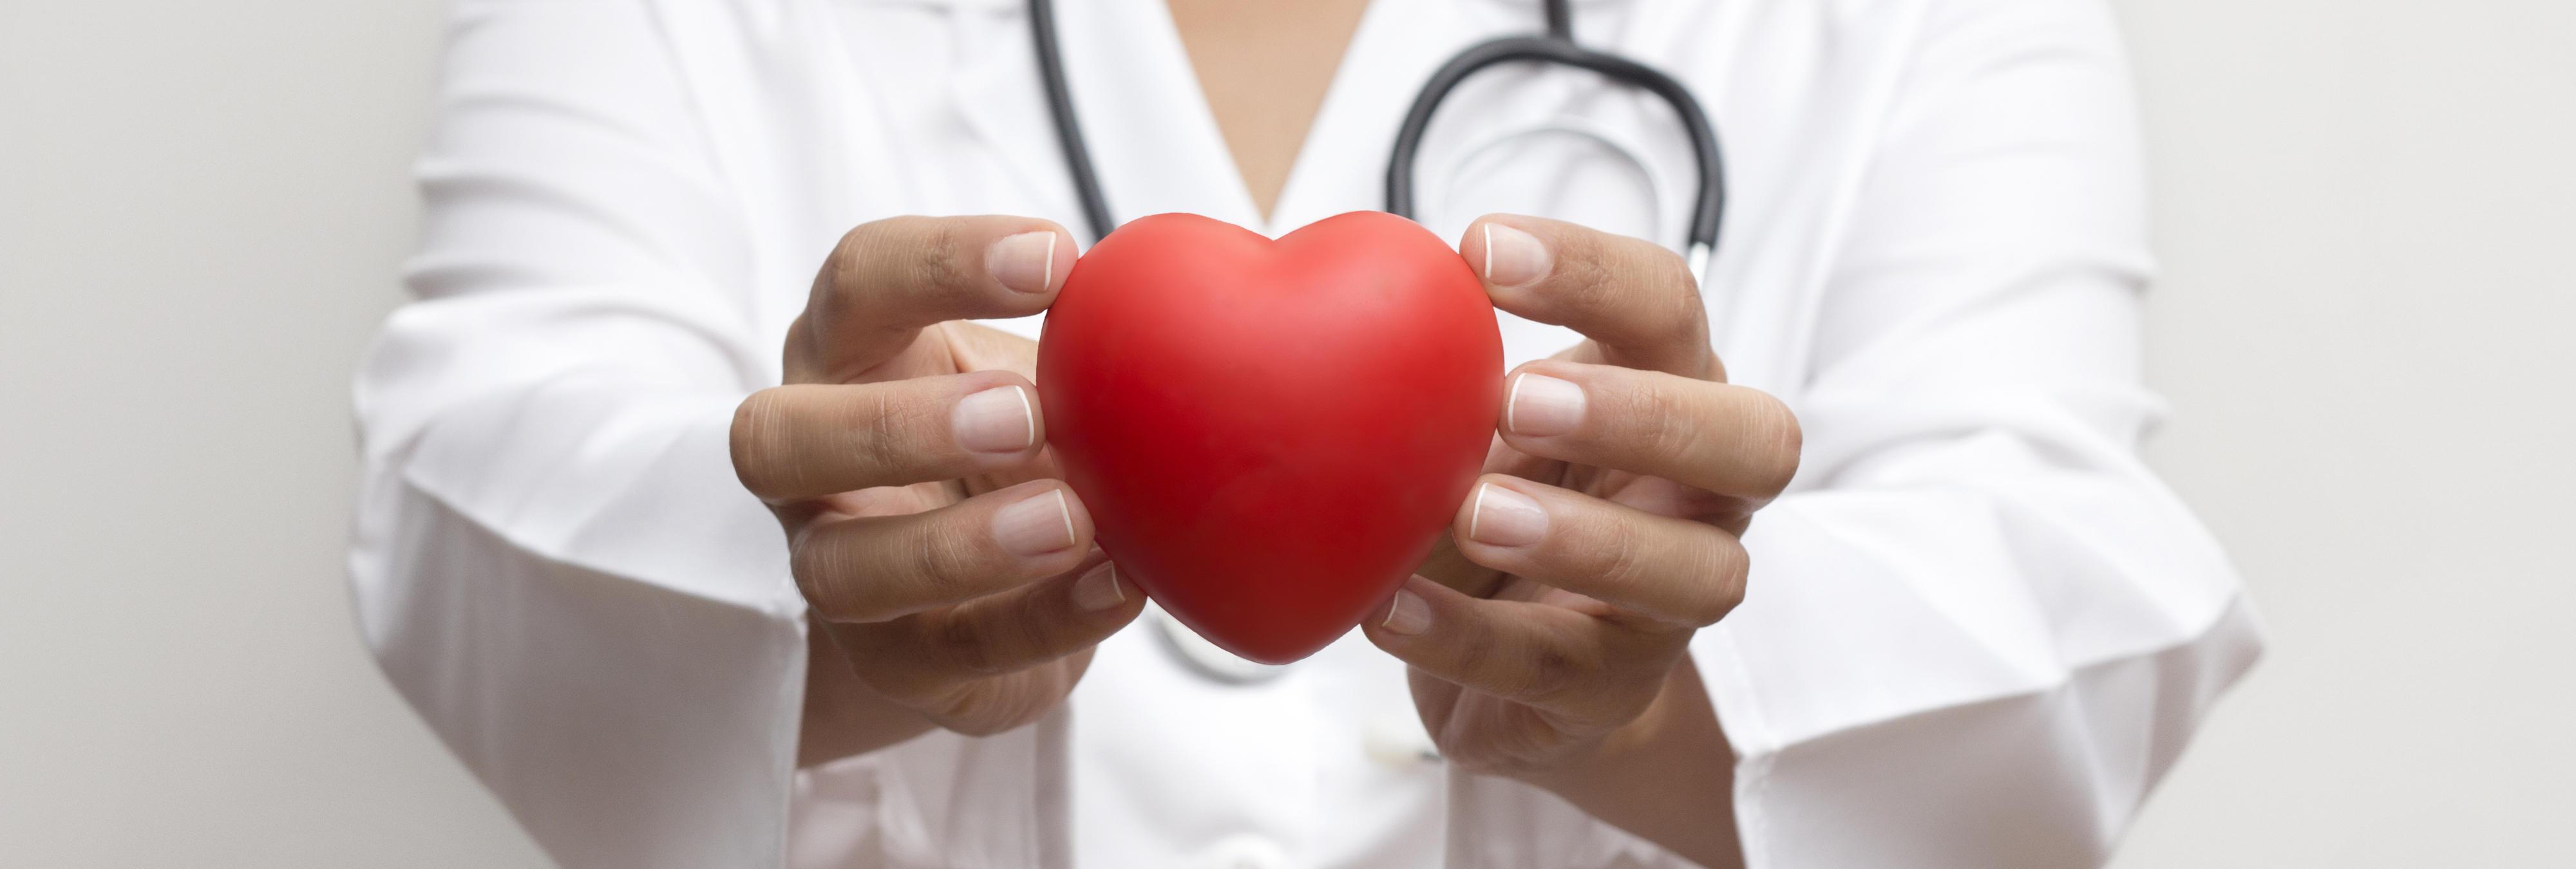 Una nueva ley convierte a todos los habitantes de Países Bajos en donantes de órganos